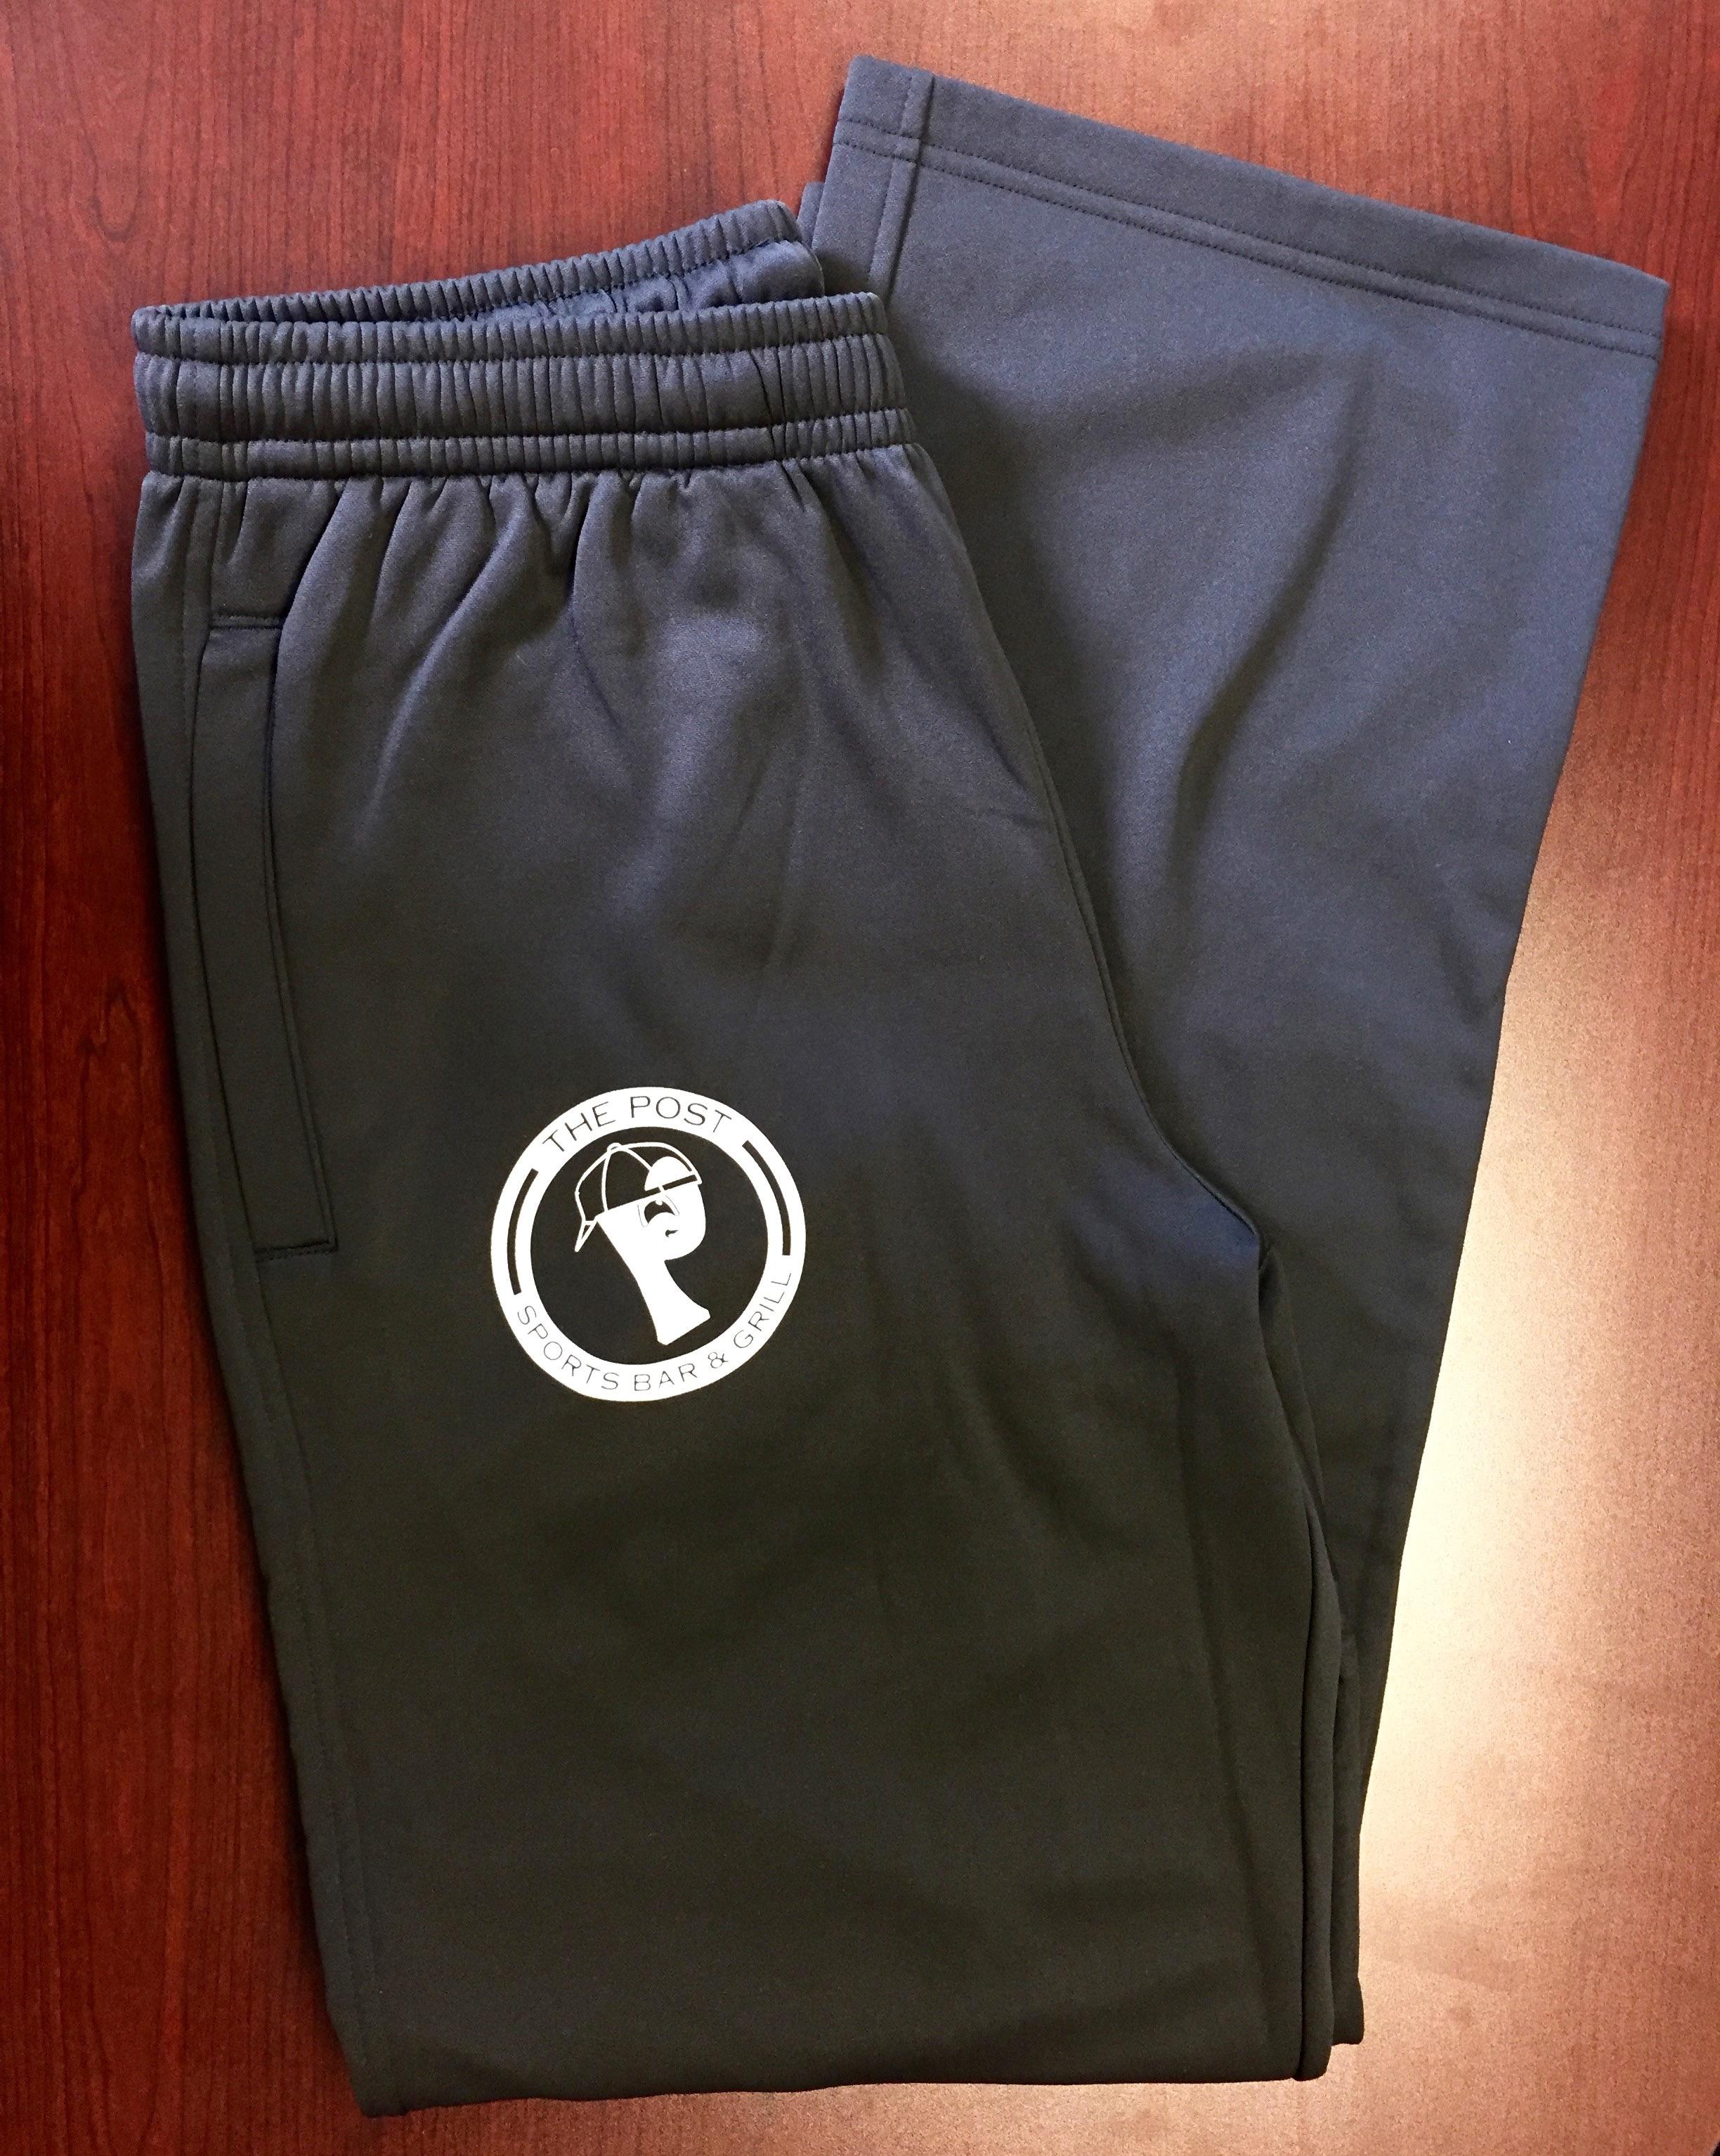 fe6c021de Track pants - Black7 - The Post